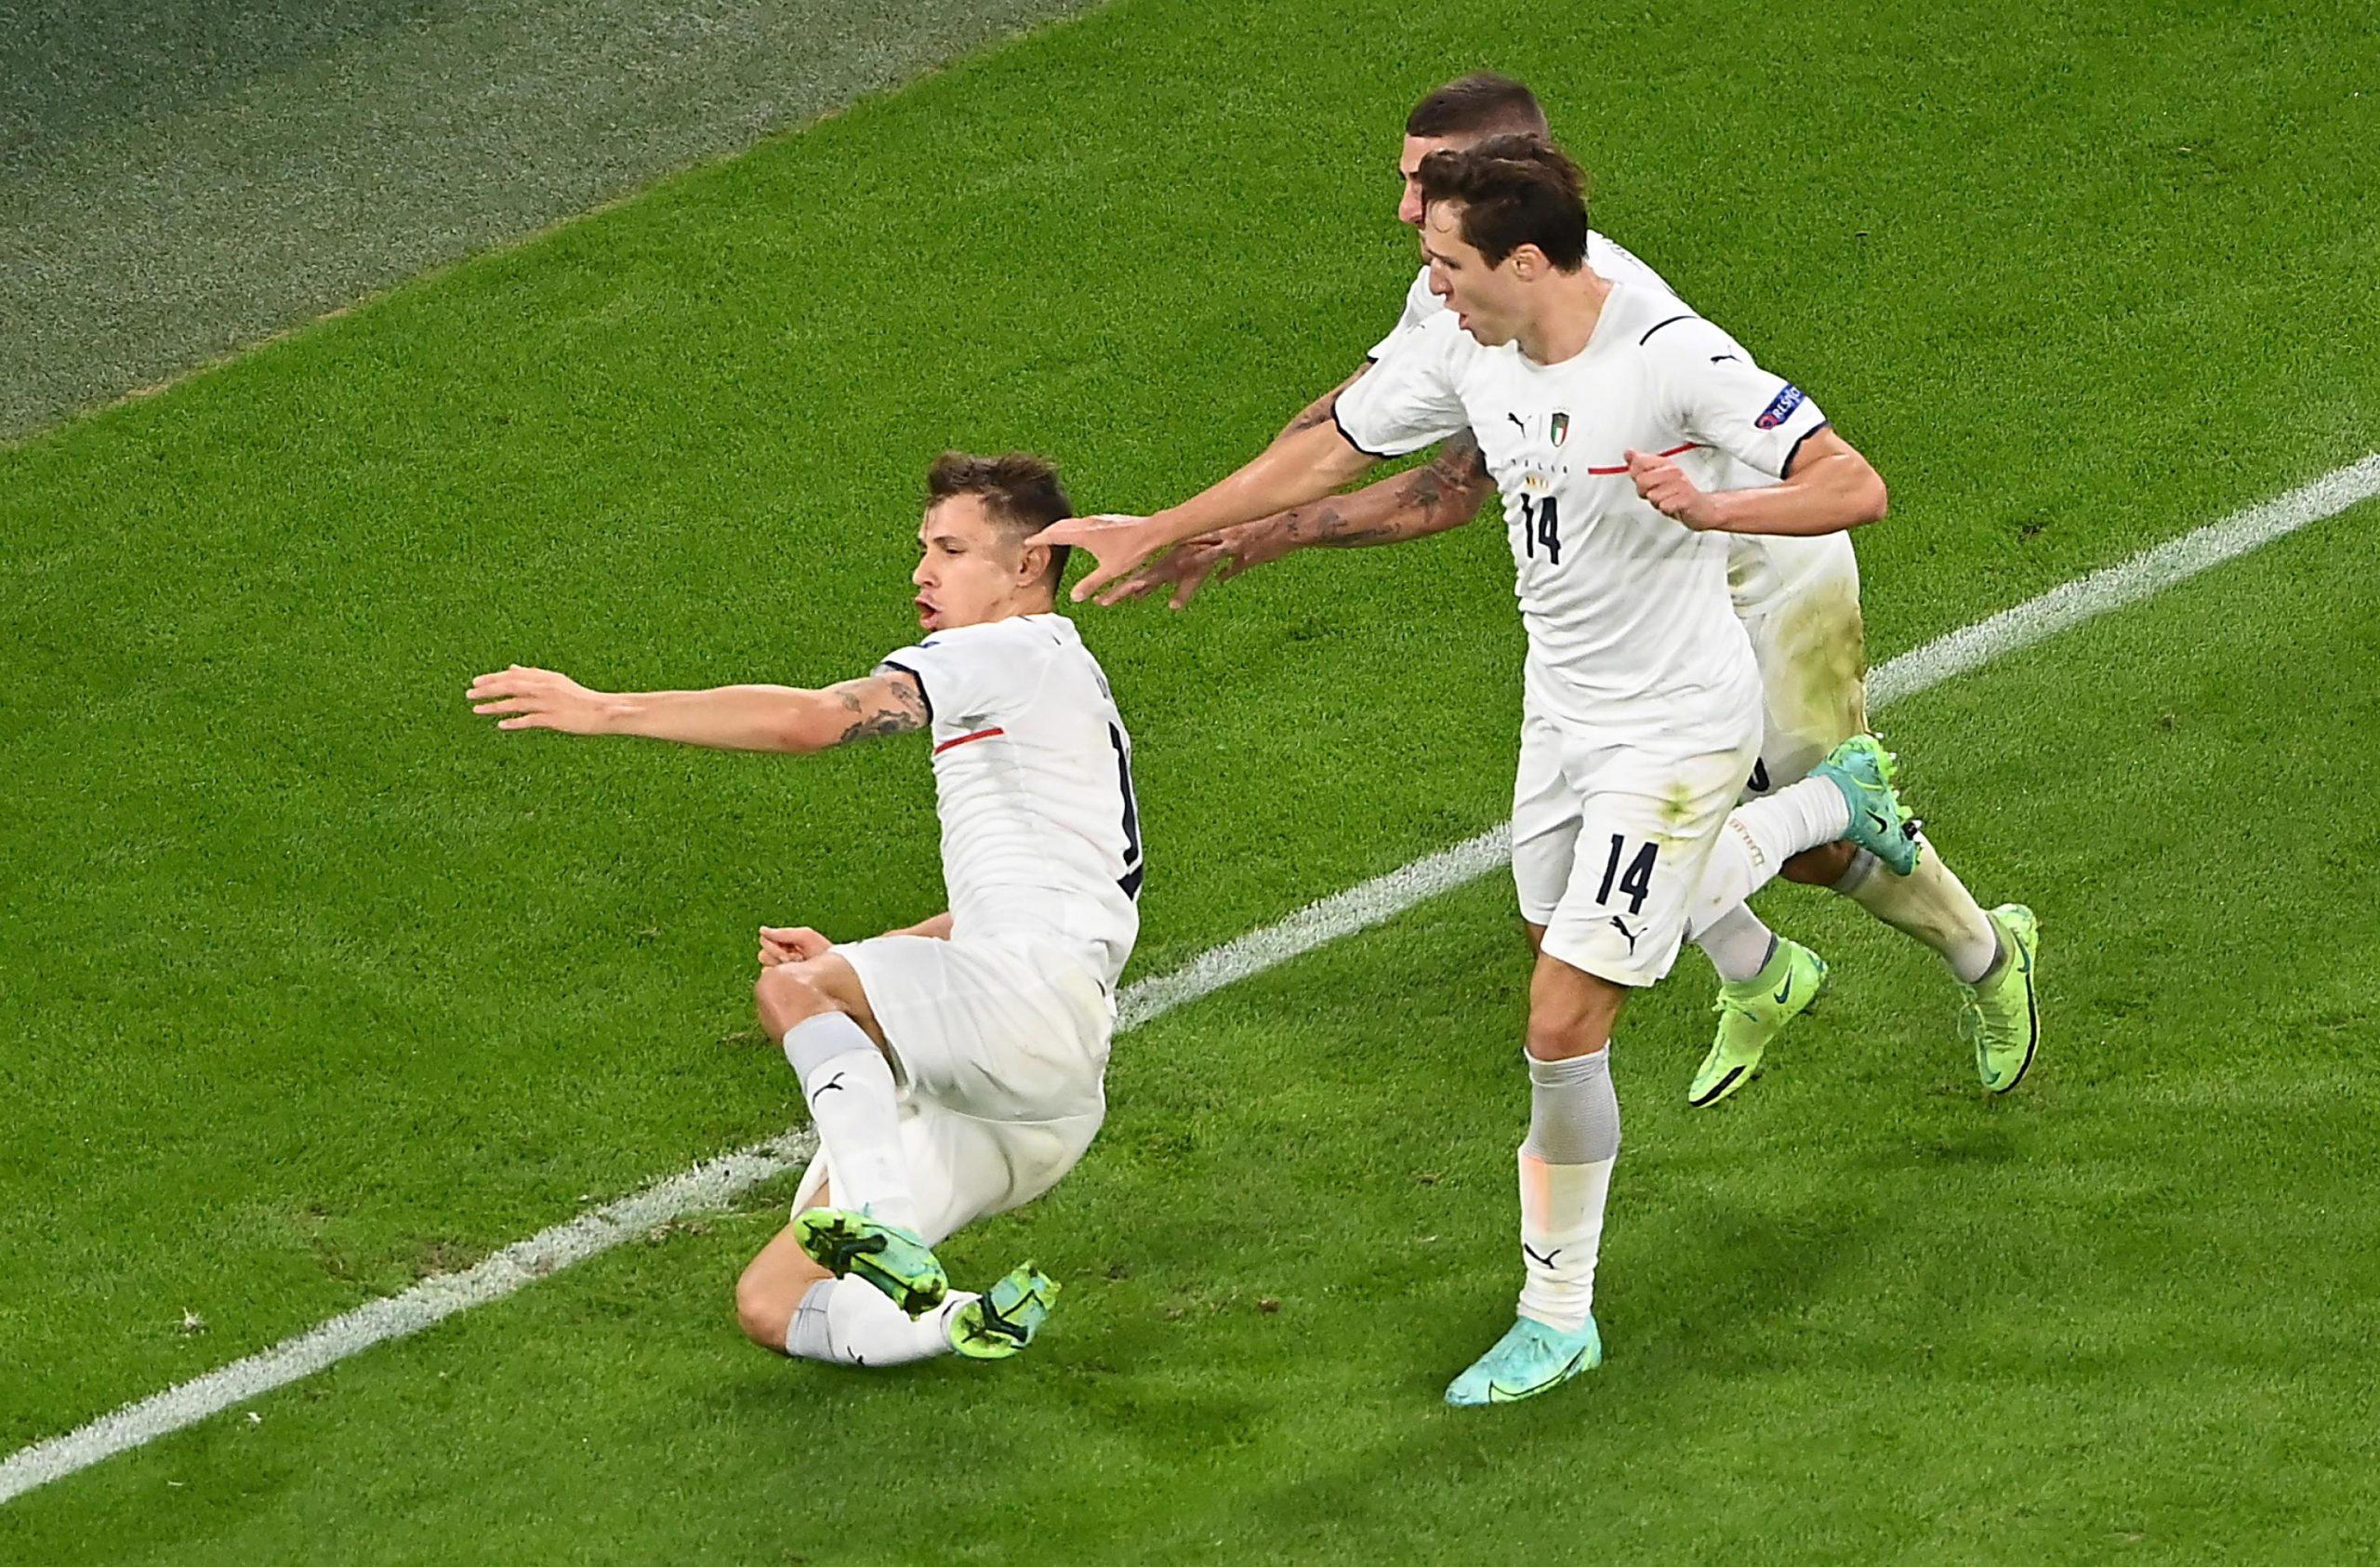 Euro 2020: Italy Defeat Belgium to Qualify for Semis